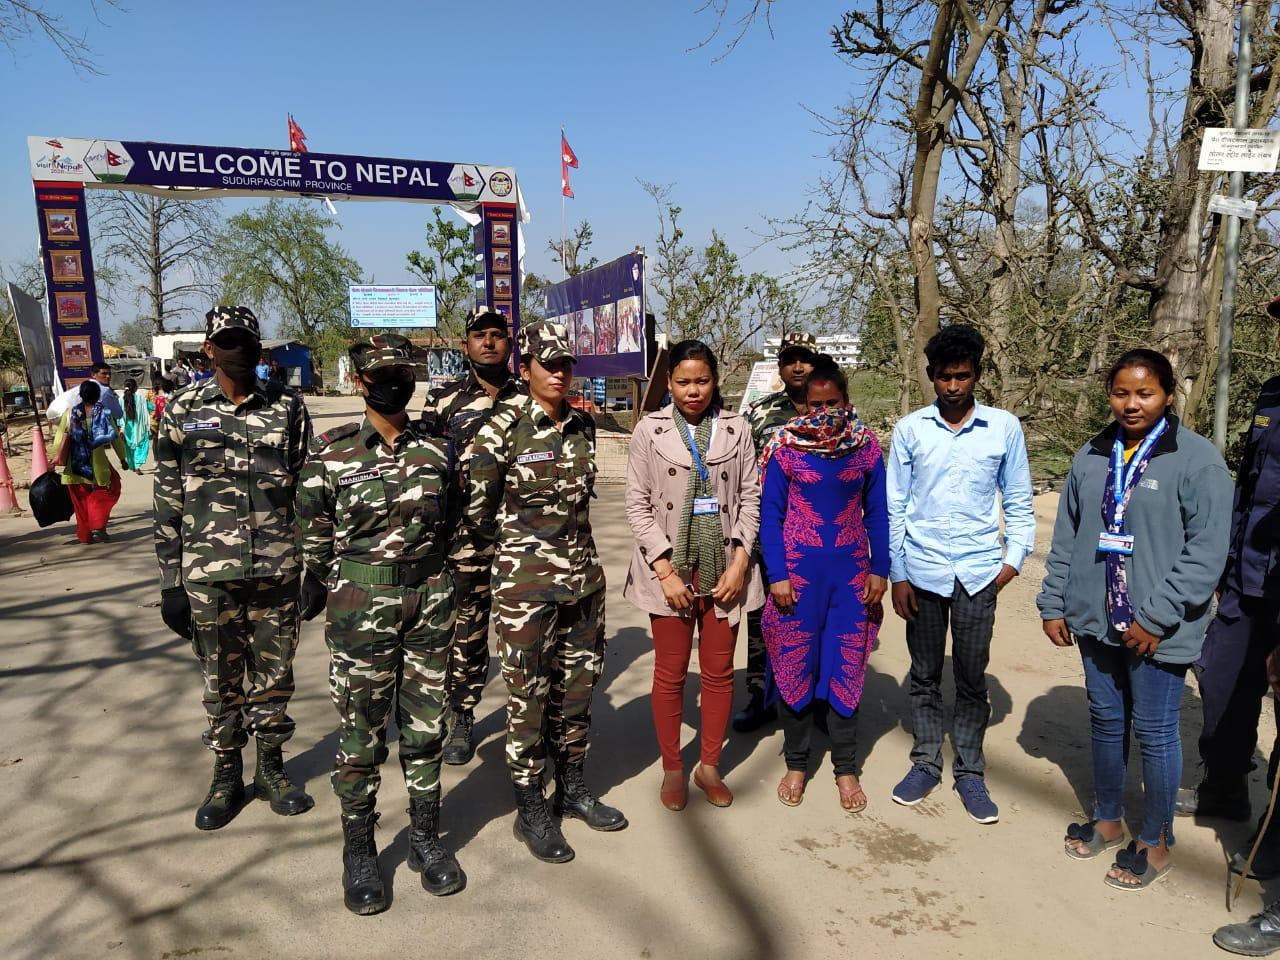 इंडो-नेपाल बार्डर पर भारत भागकर आ रहे युवक व युवती को पकड़ा